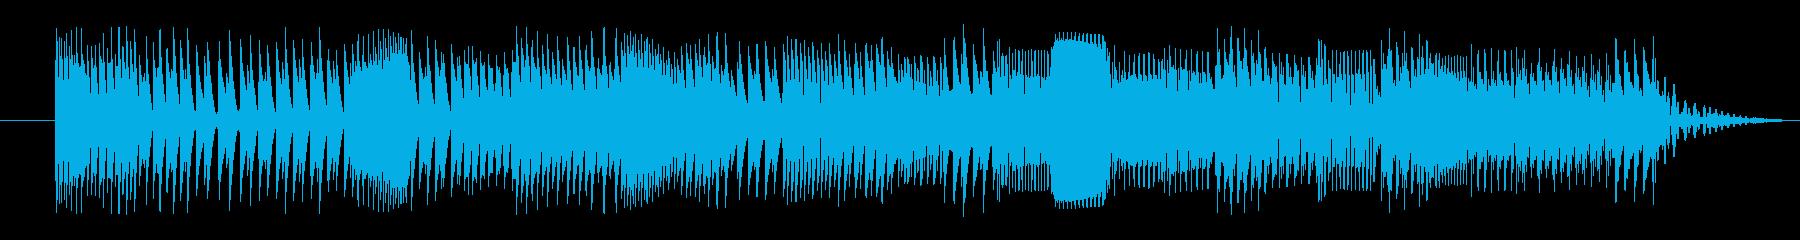 FX クレイジーサイエンティスト04の再生済みの波形